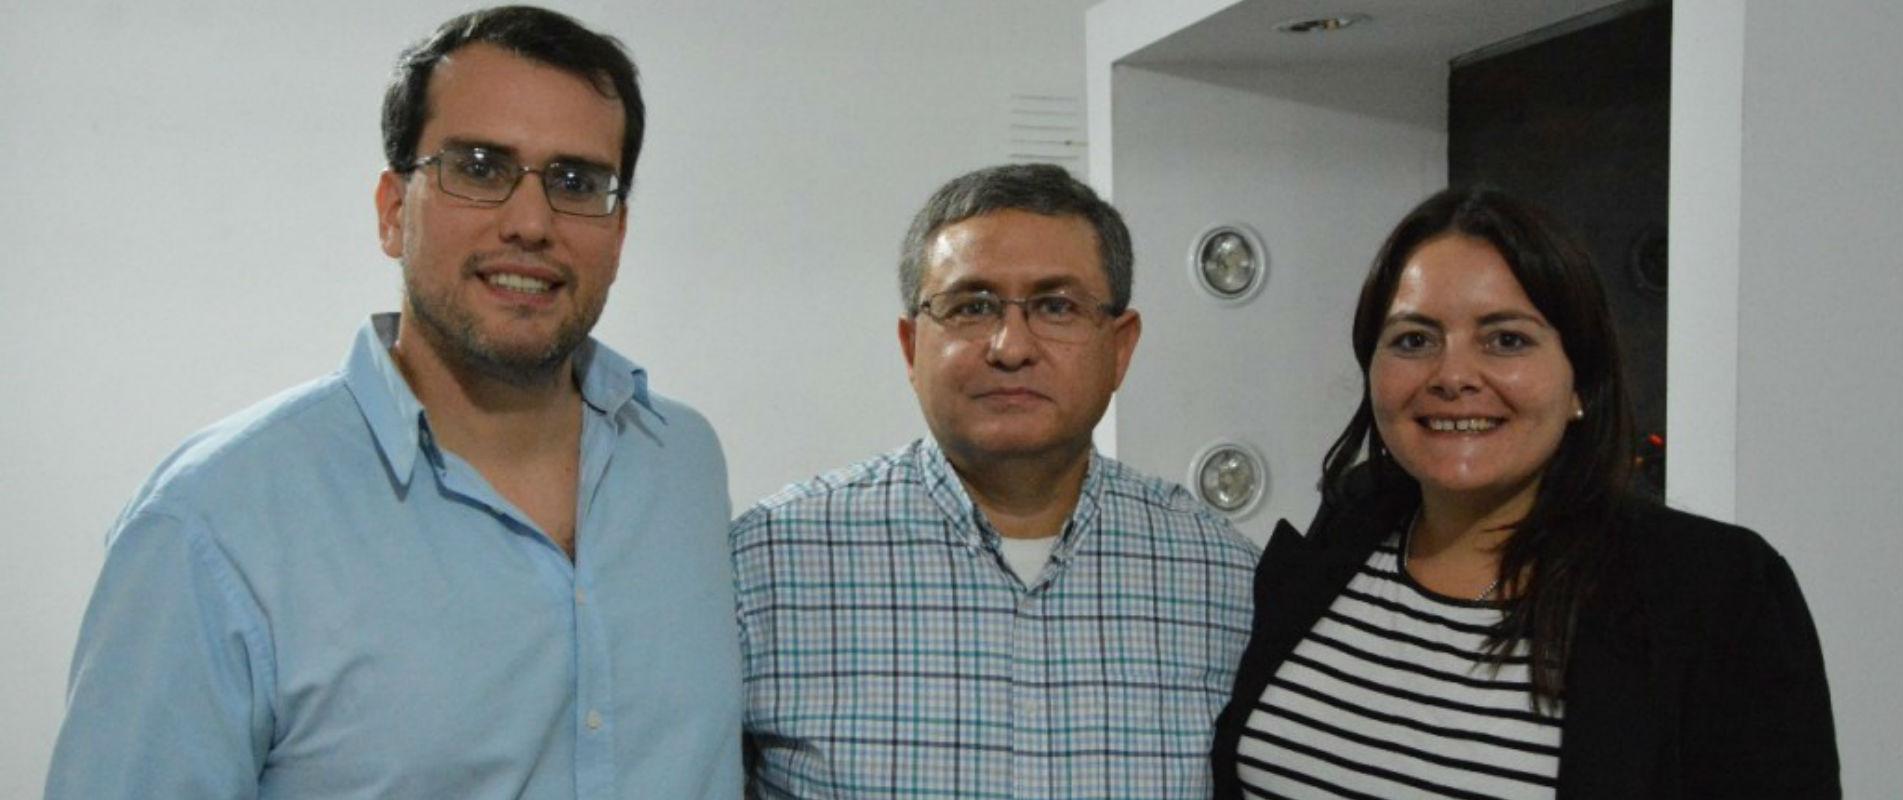 El Sindicato de los trabajadores jerárquicos mineros, acompañados por la diputada nacional, Florencia Peñaloza y el diputado provincial, Carlos Munisaga de la provincia de San Juan